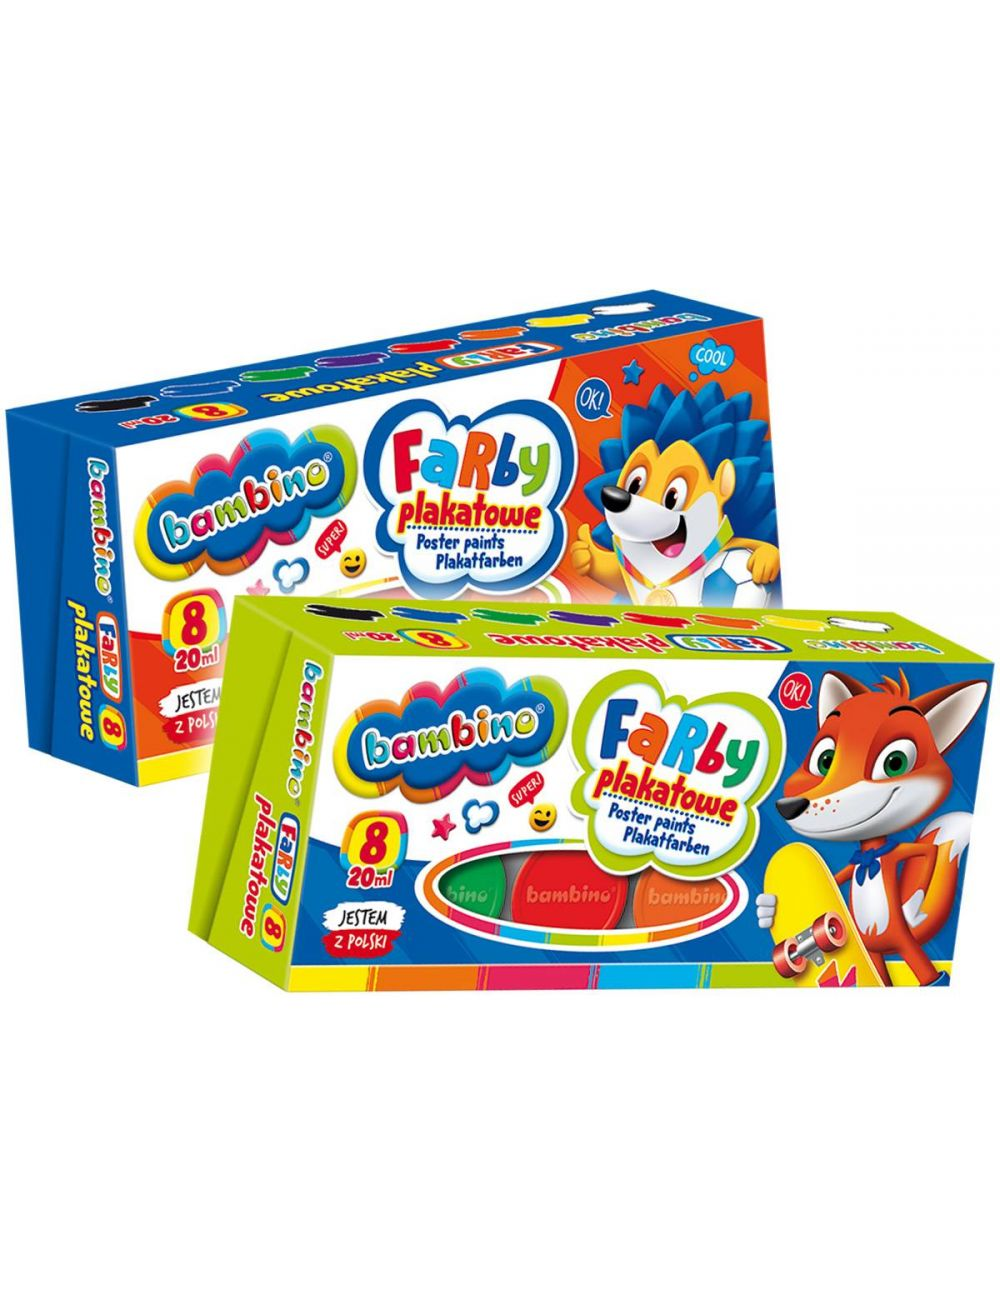 BAMBINO Farby Plakatowe dla dzieci 8 kolorów 5004995